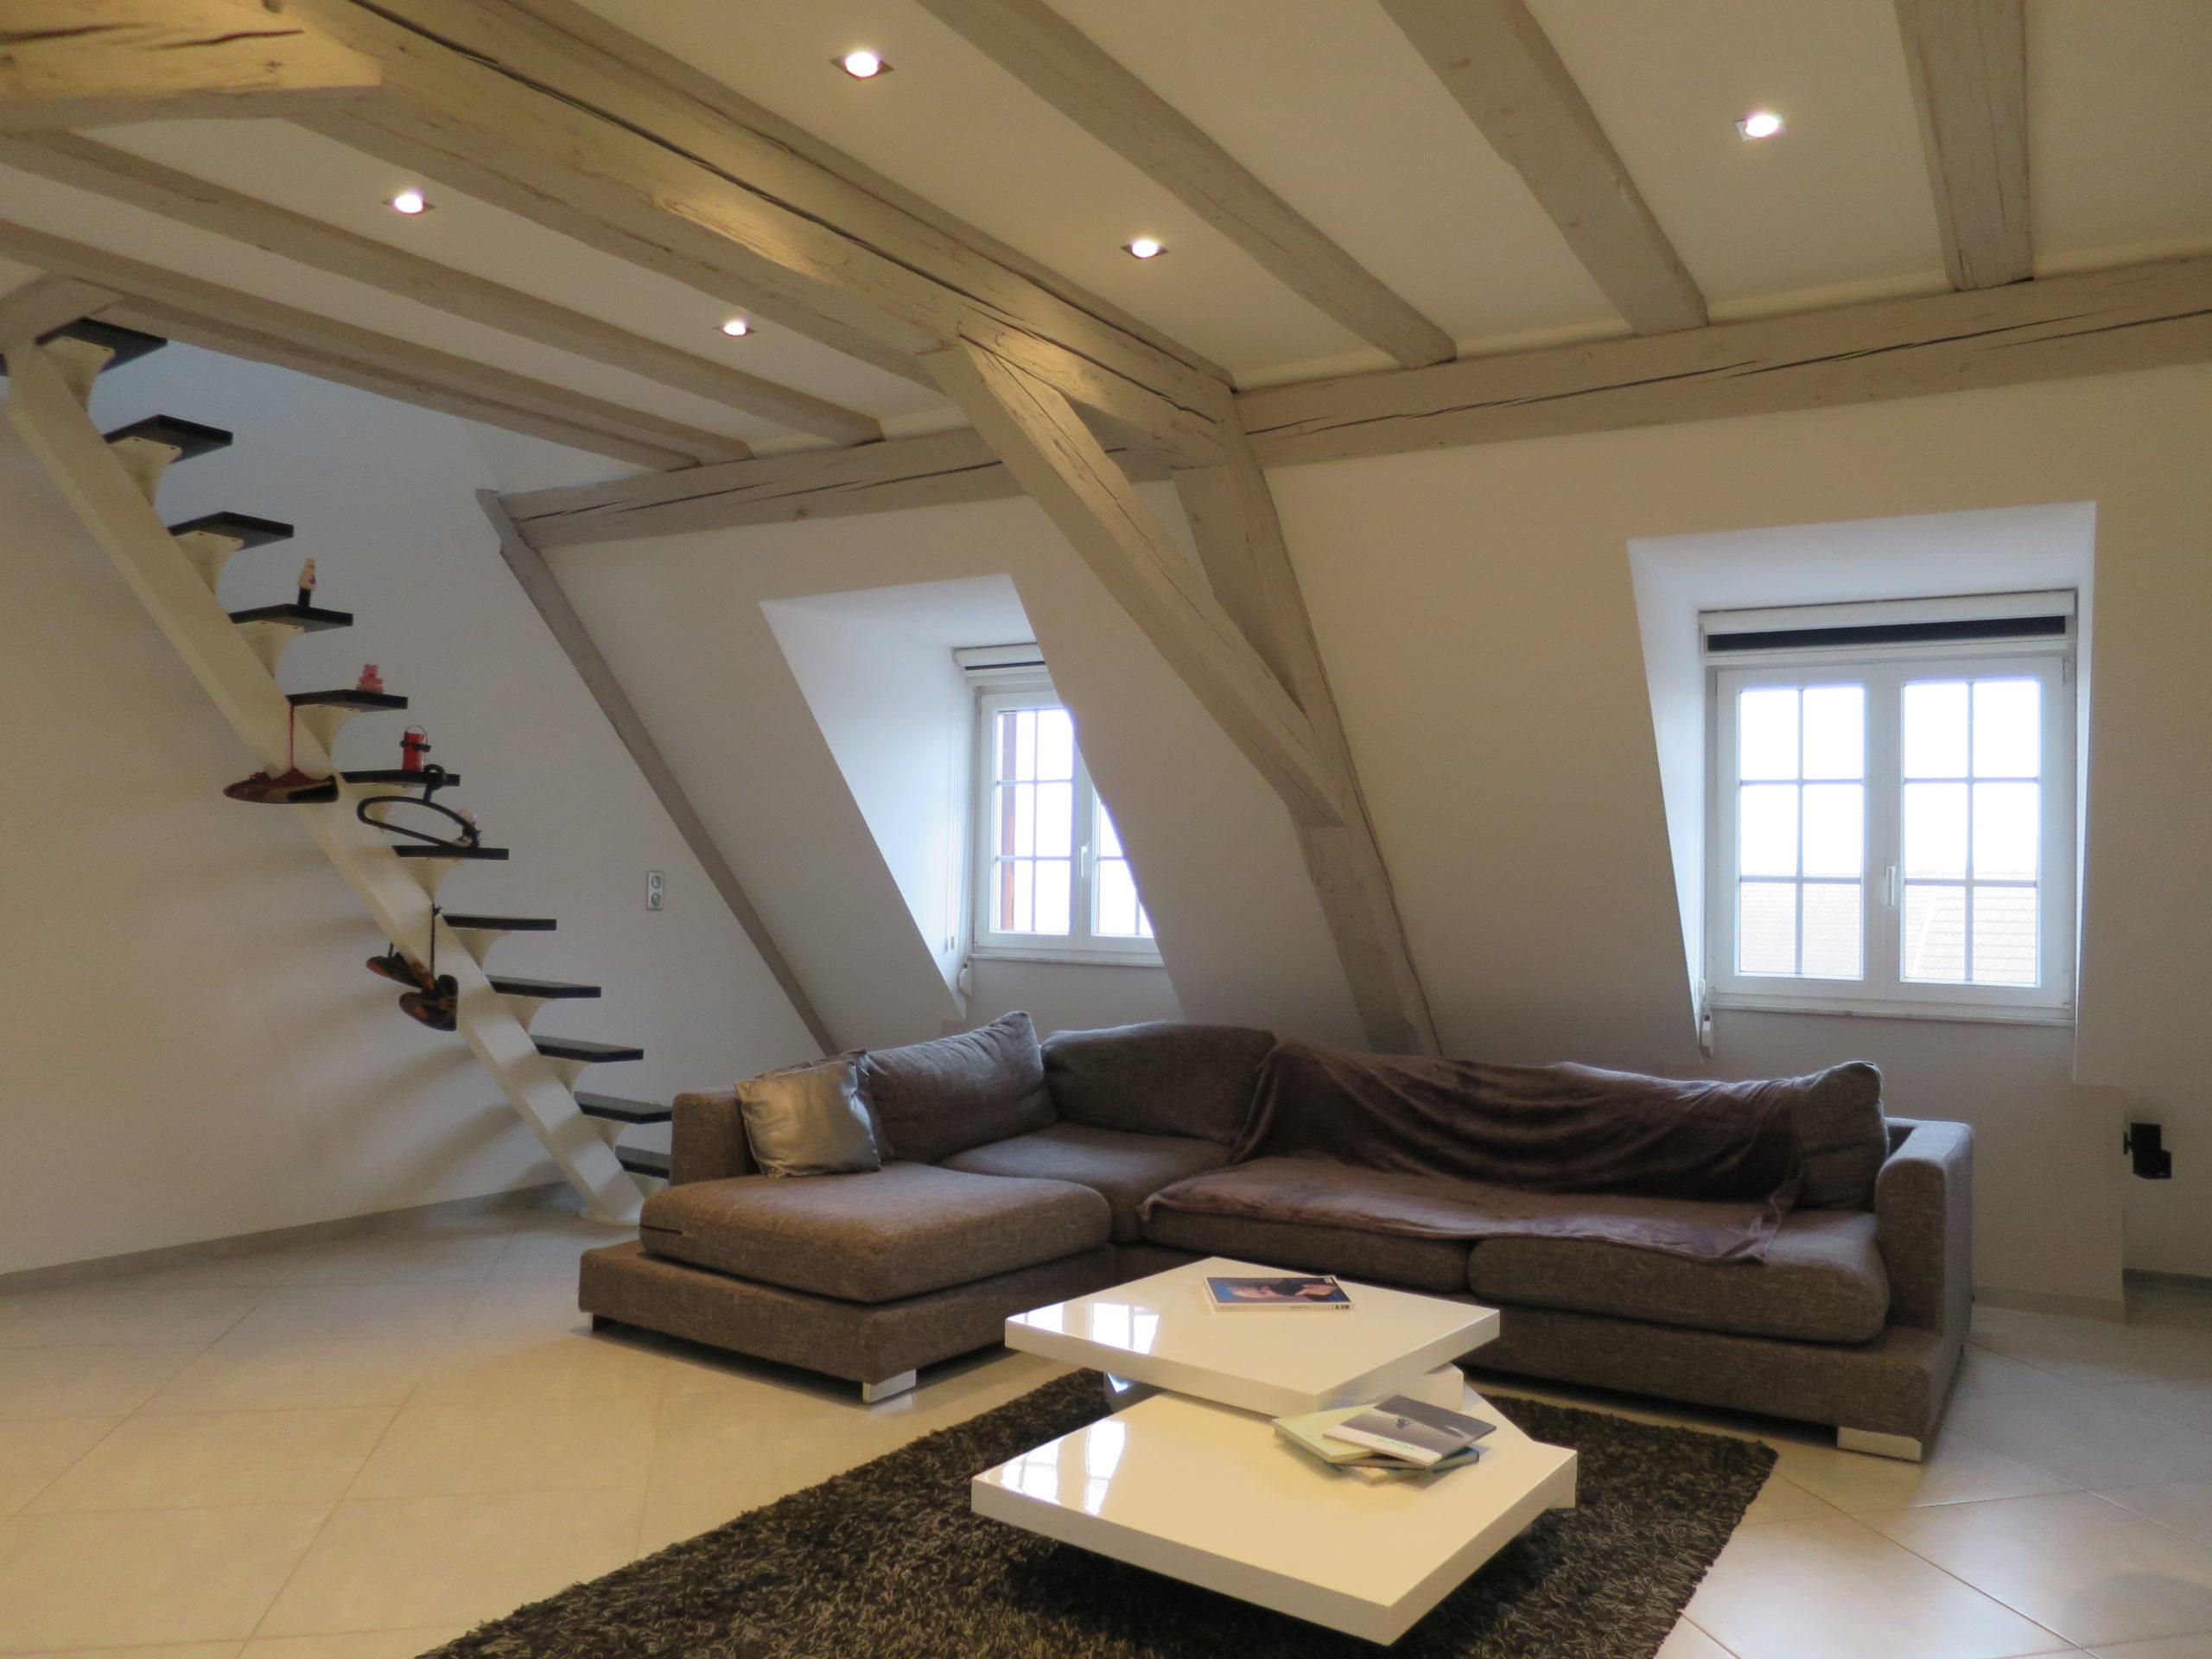 Haguenau Appartement 3 pièces 91 m2 et sa terrasse.